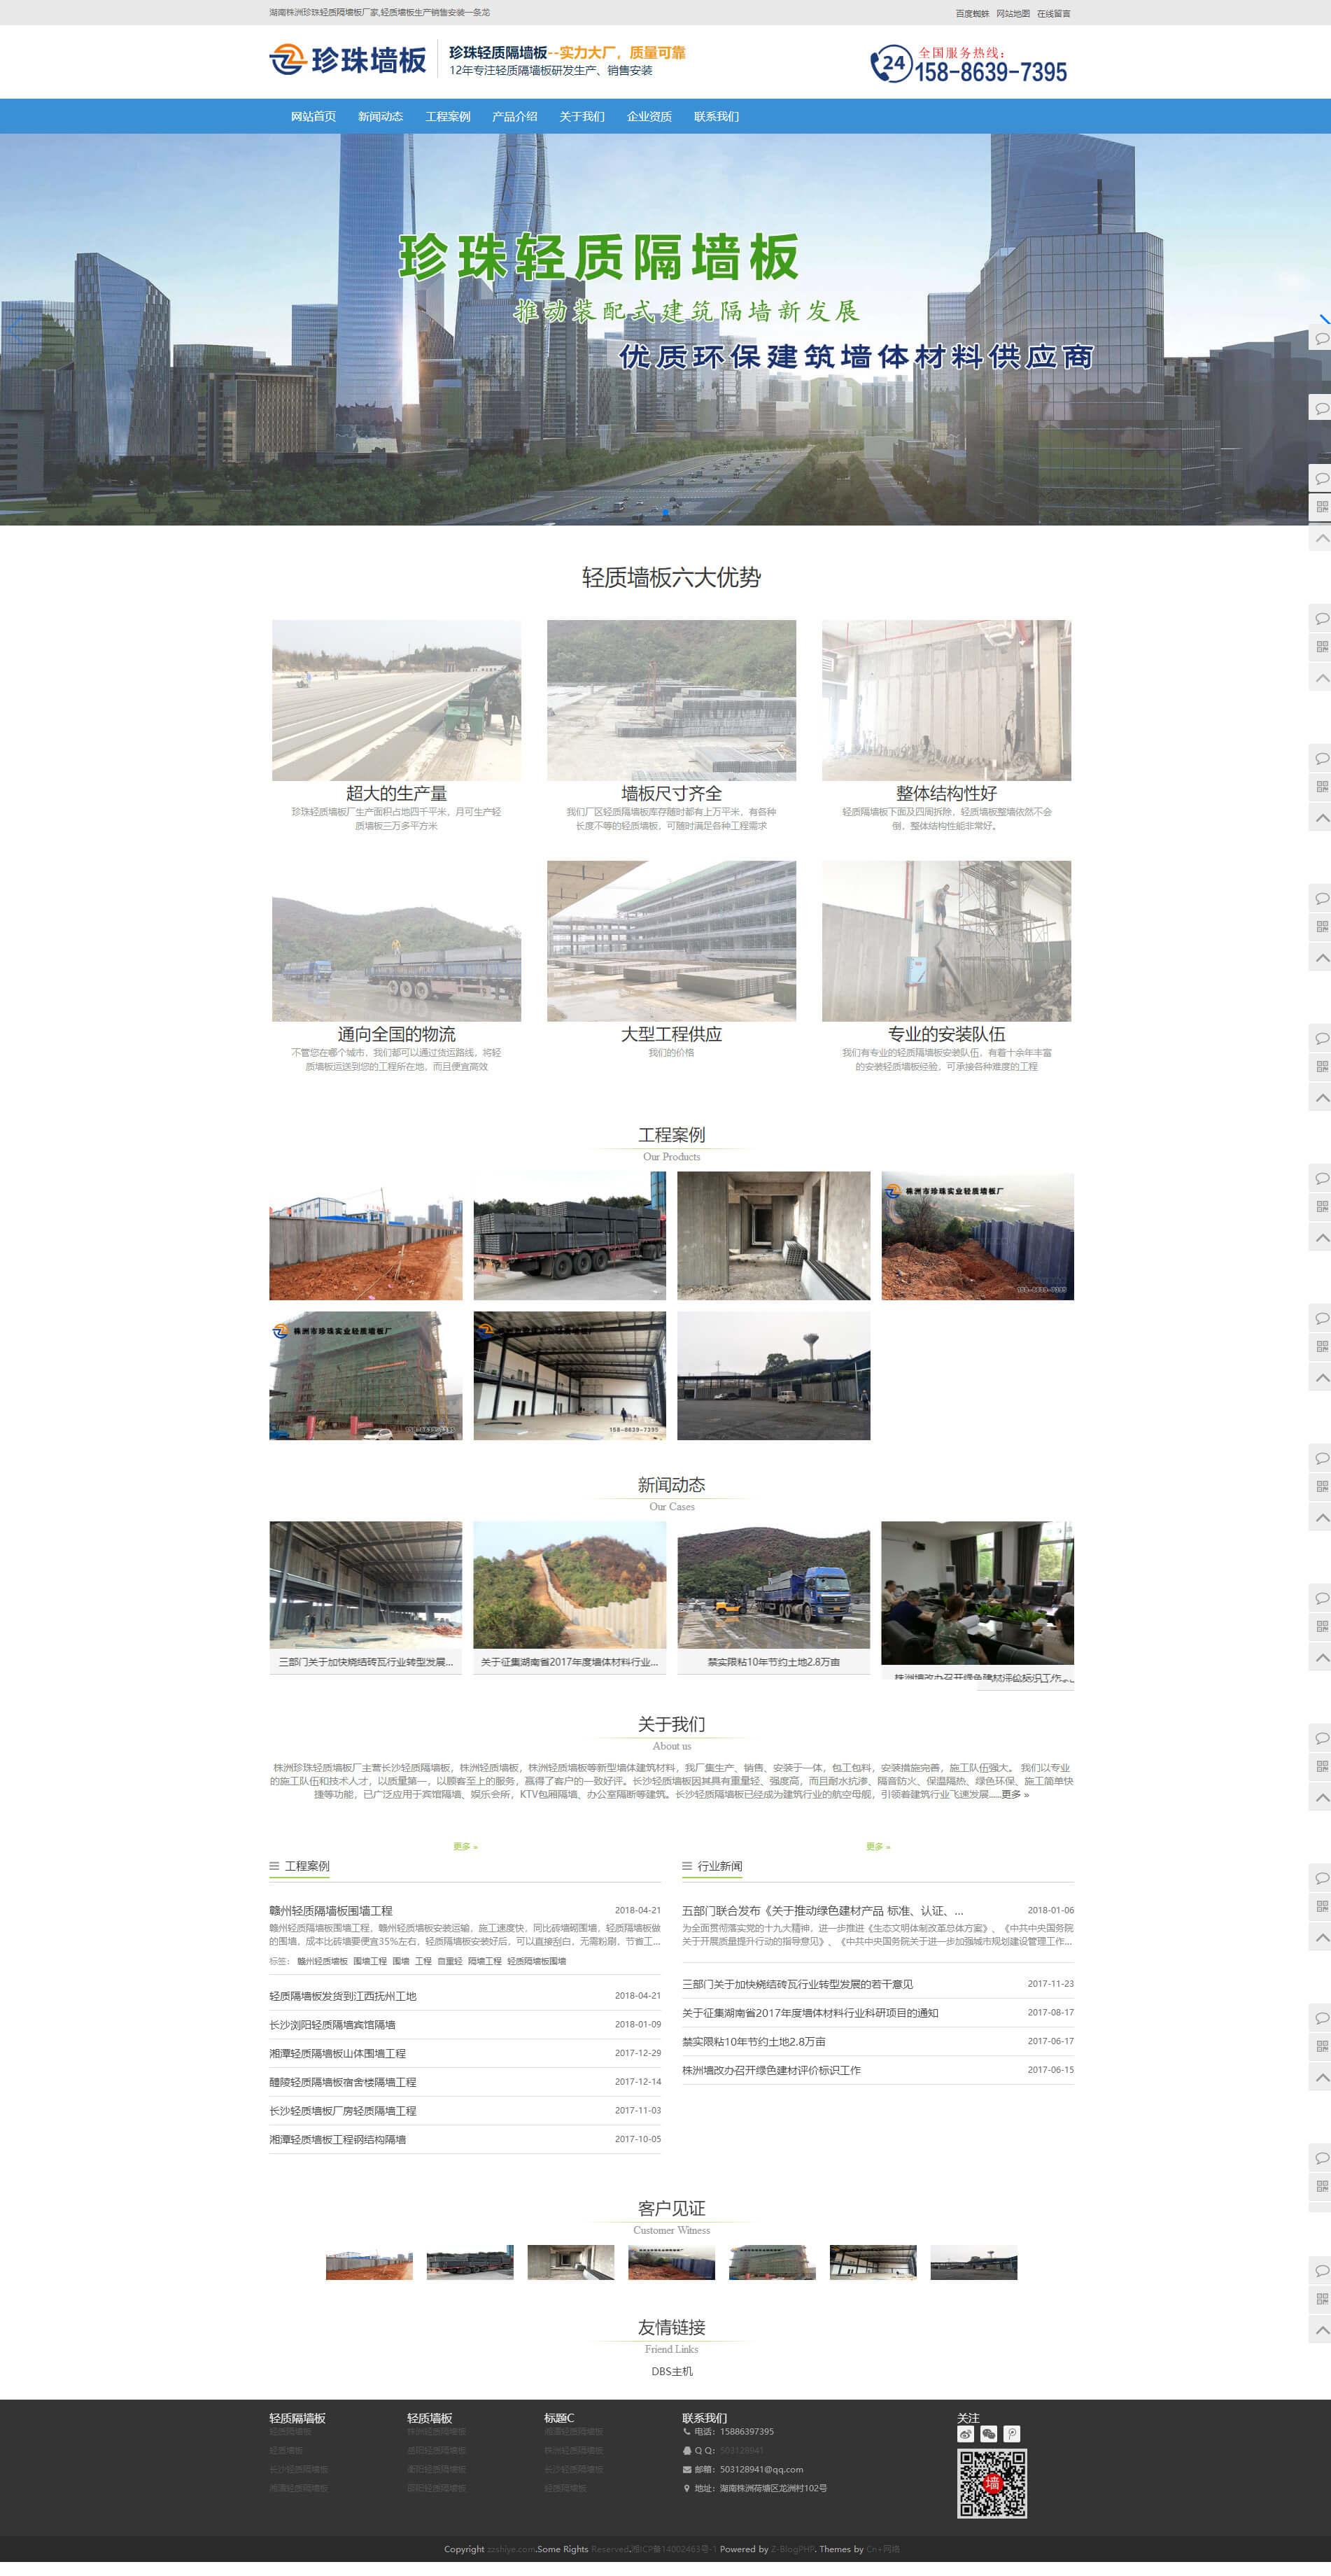 株洲珍珠轻质隔墙板厂家网站制作案例截图